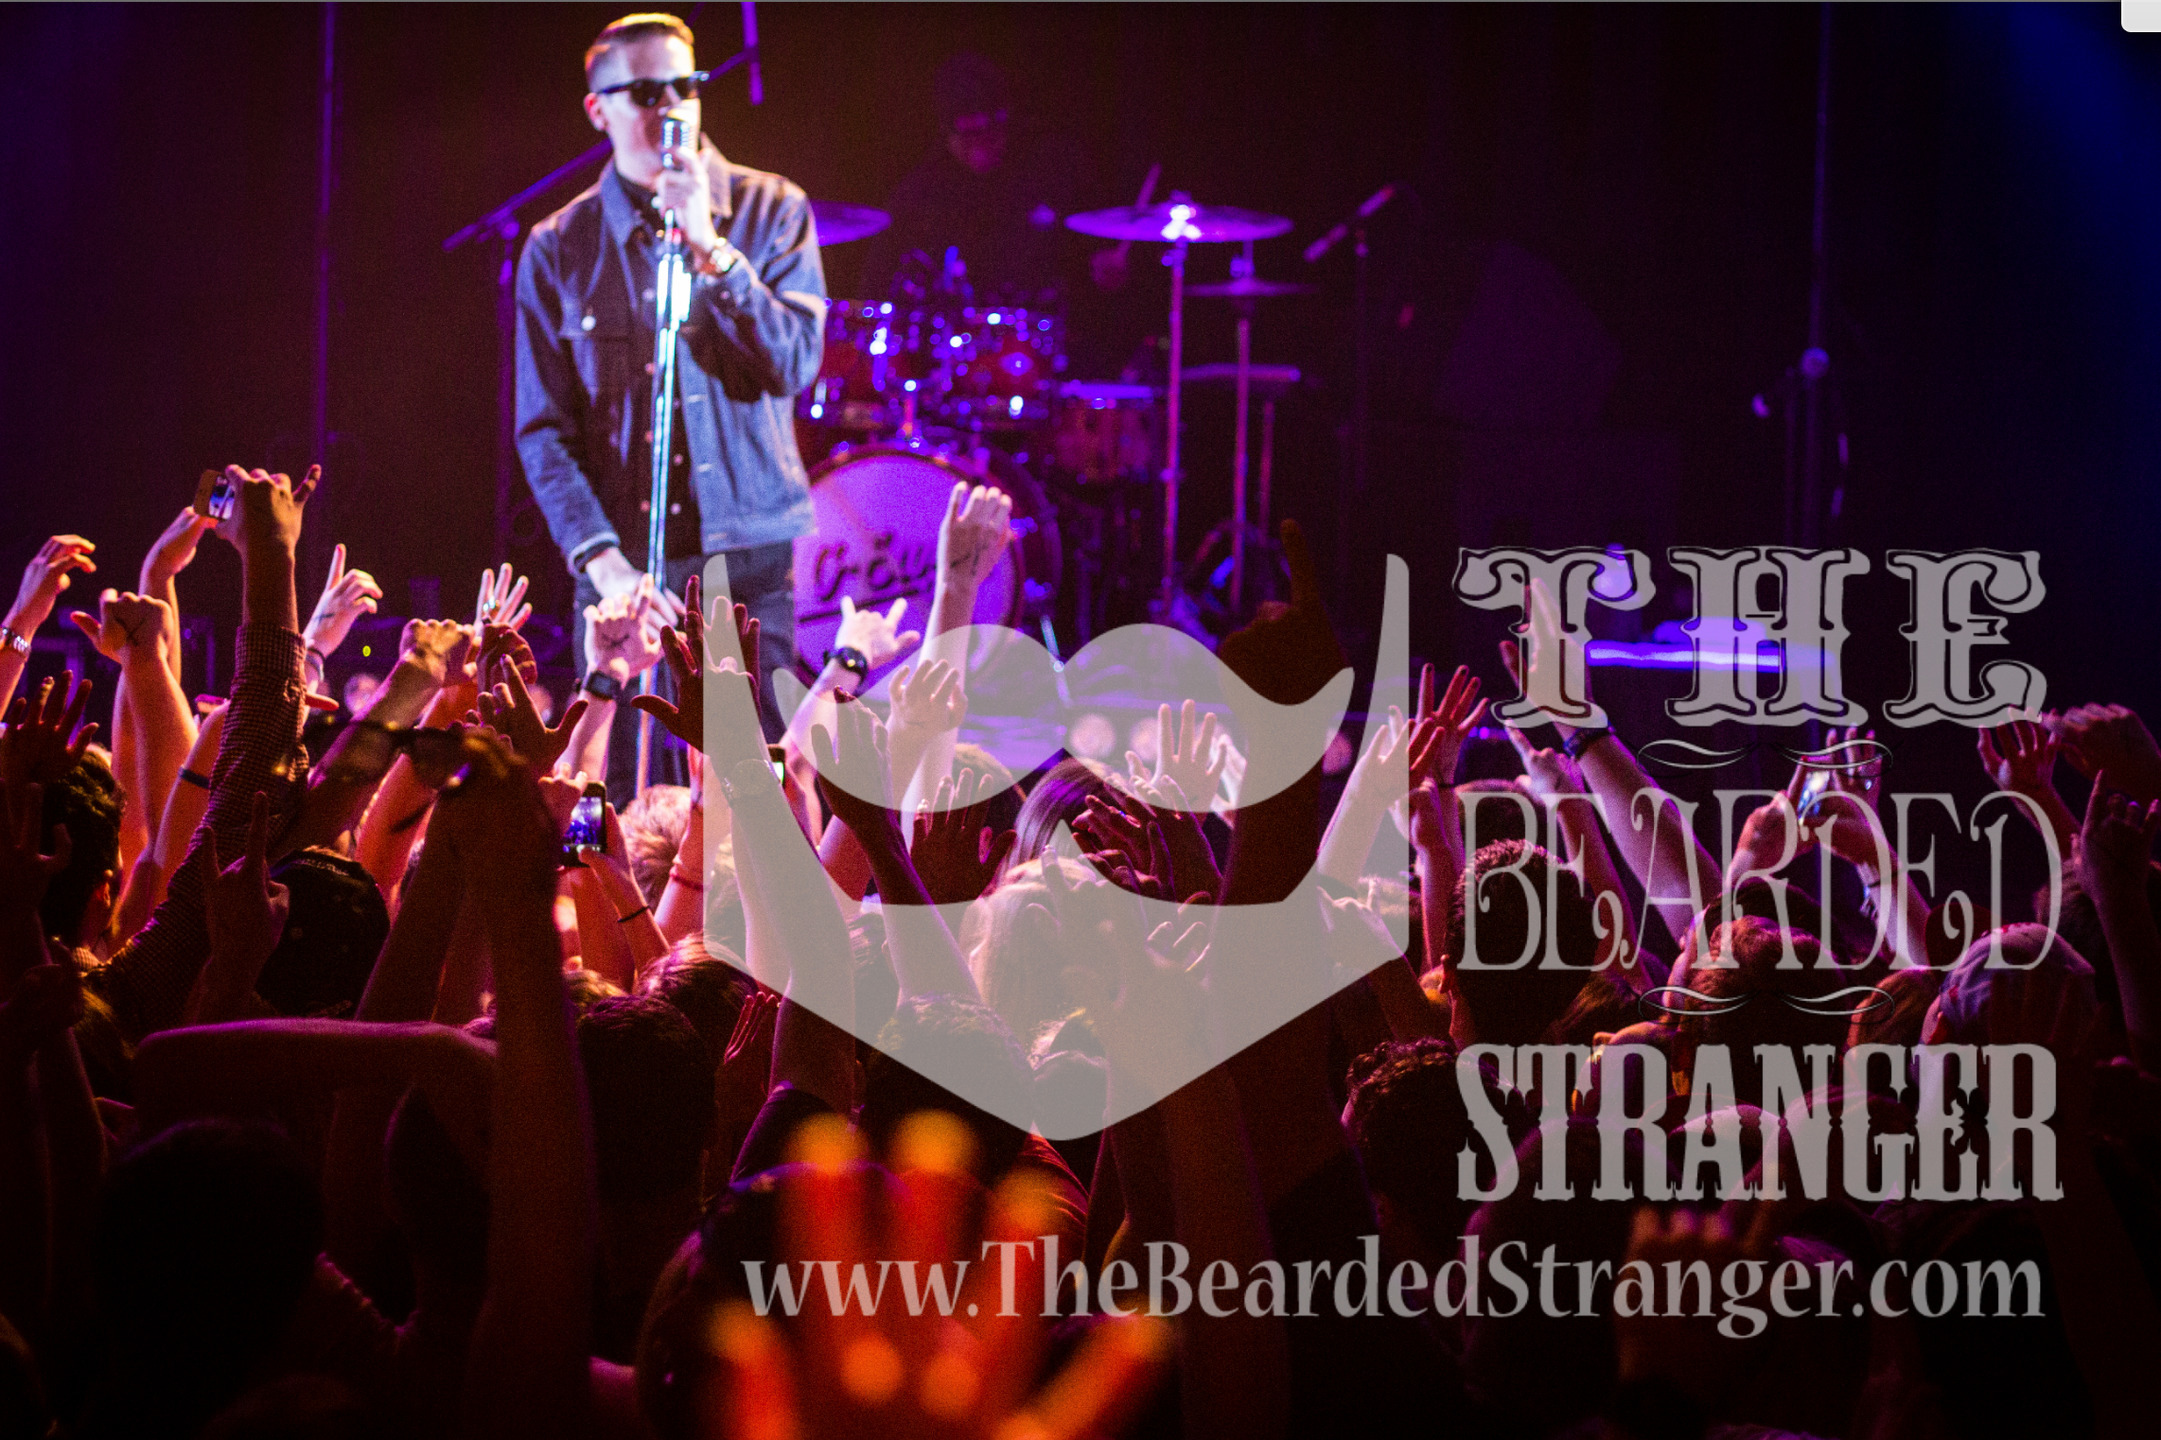 LeRoy P - The Bearded Stranger (@thebeardedstranger) Cover Image